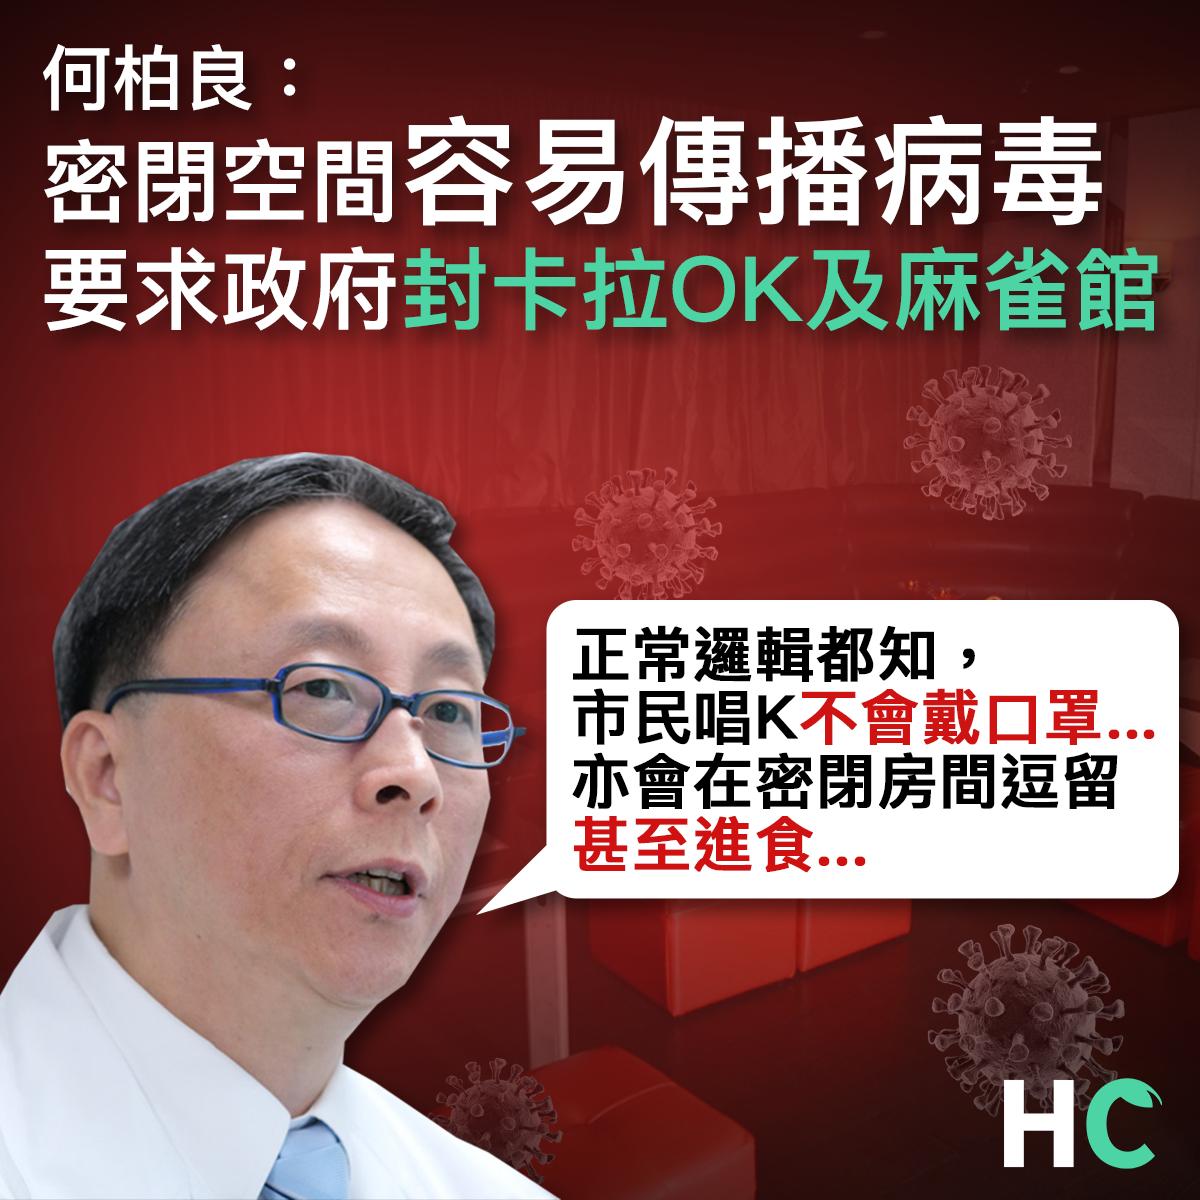 【#武漢肺炎】何柏良:密閉空間容易傳播病毒 要求政府封卡拉OK及麻雀館